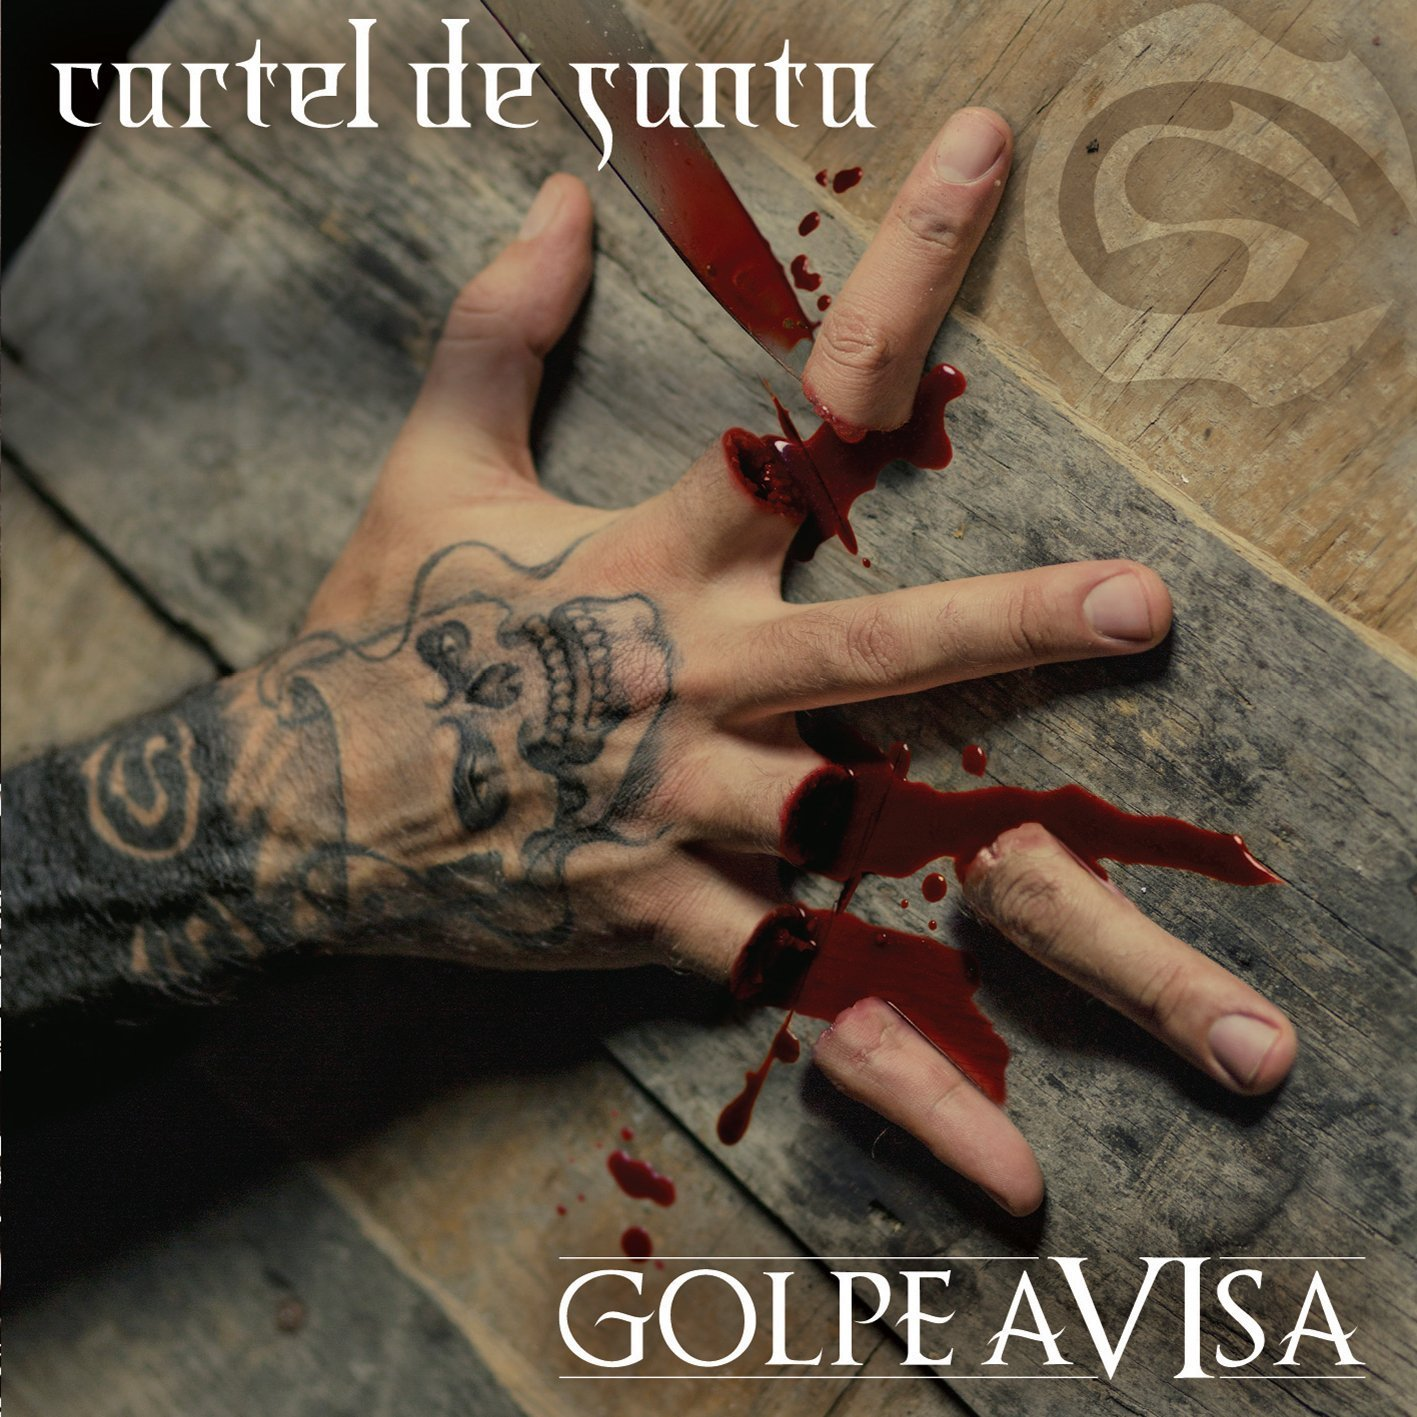 Cartel De Santa (Golpe Avisa Sony-50031129) CD